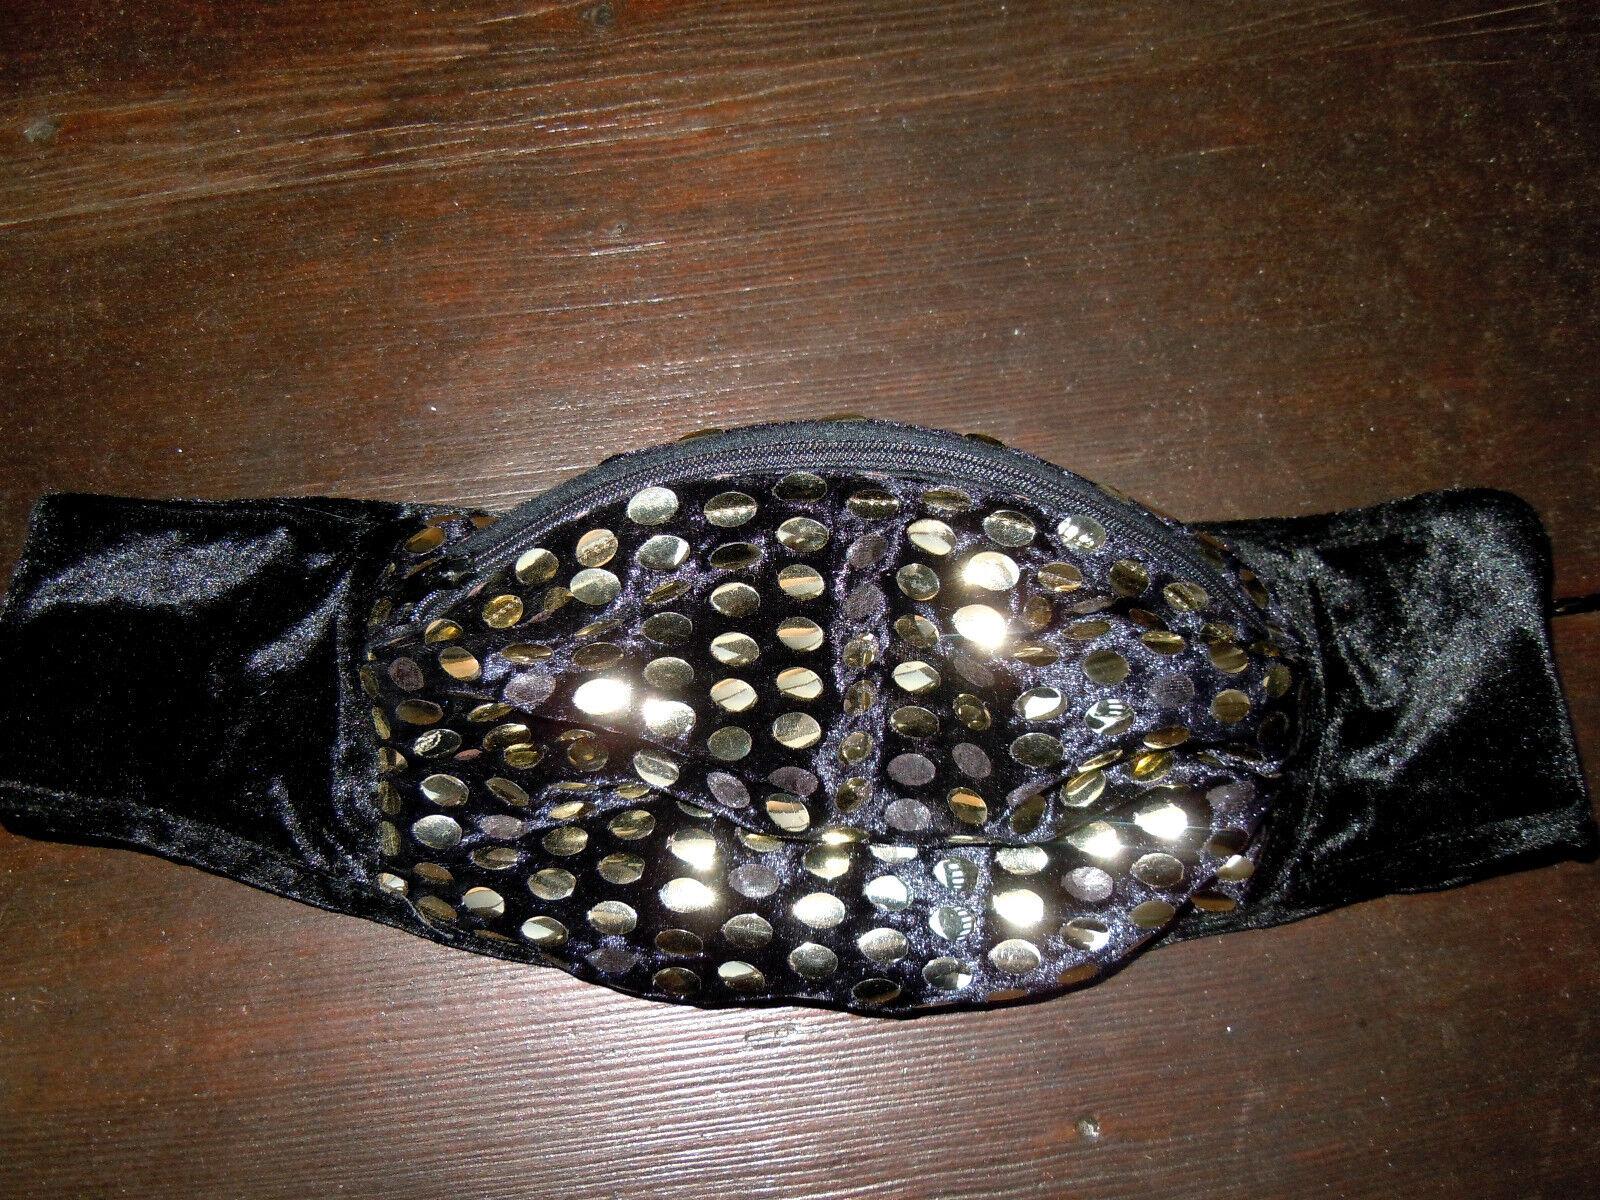 Elegante Partytasche Abendtasche Abendtasche Abendtasche Bauchtasche Wimmerl aus Samt m.Goldpailetten    | Grüne, neue Technologie  287fcb